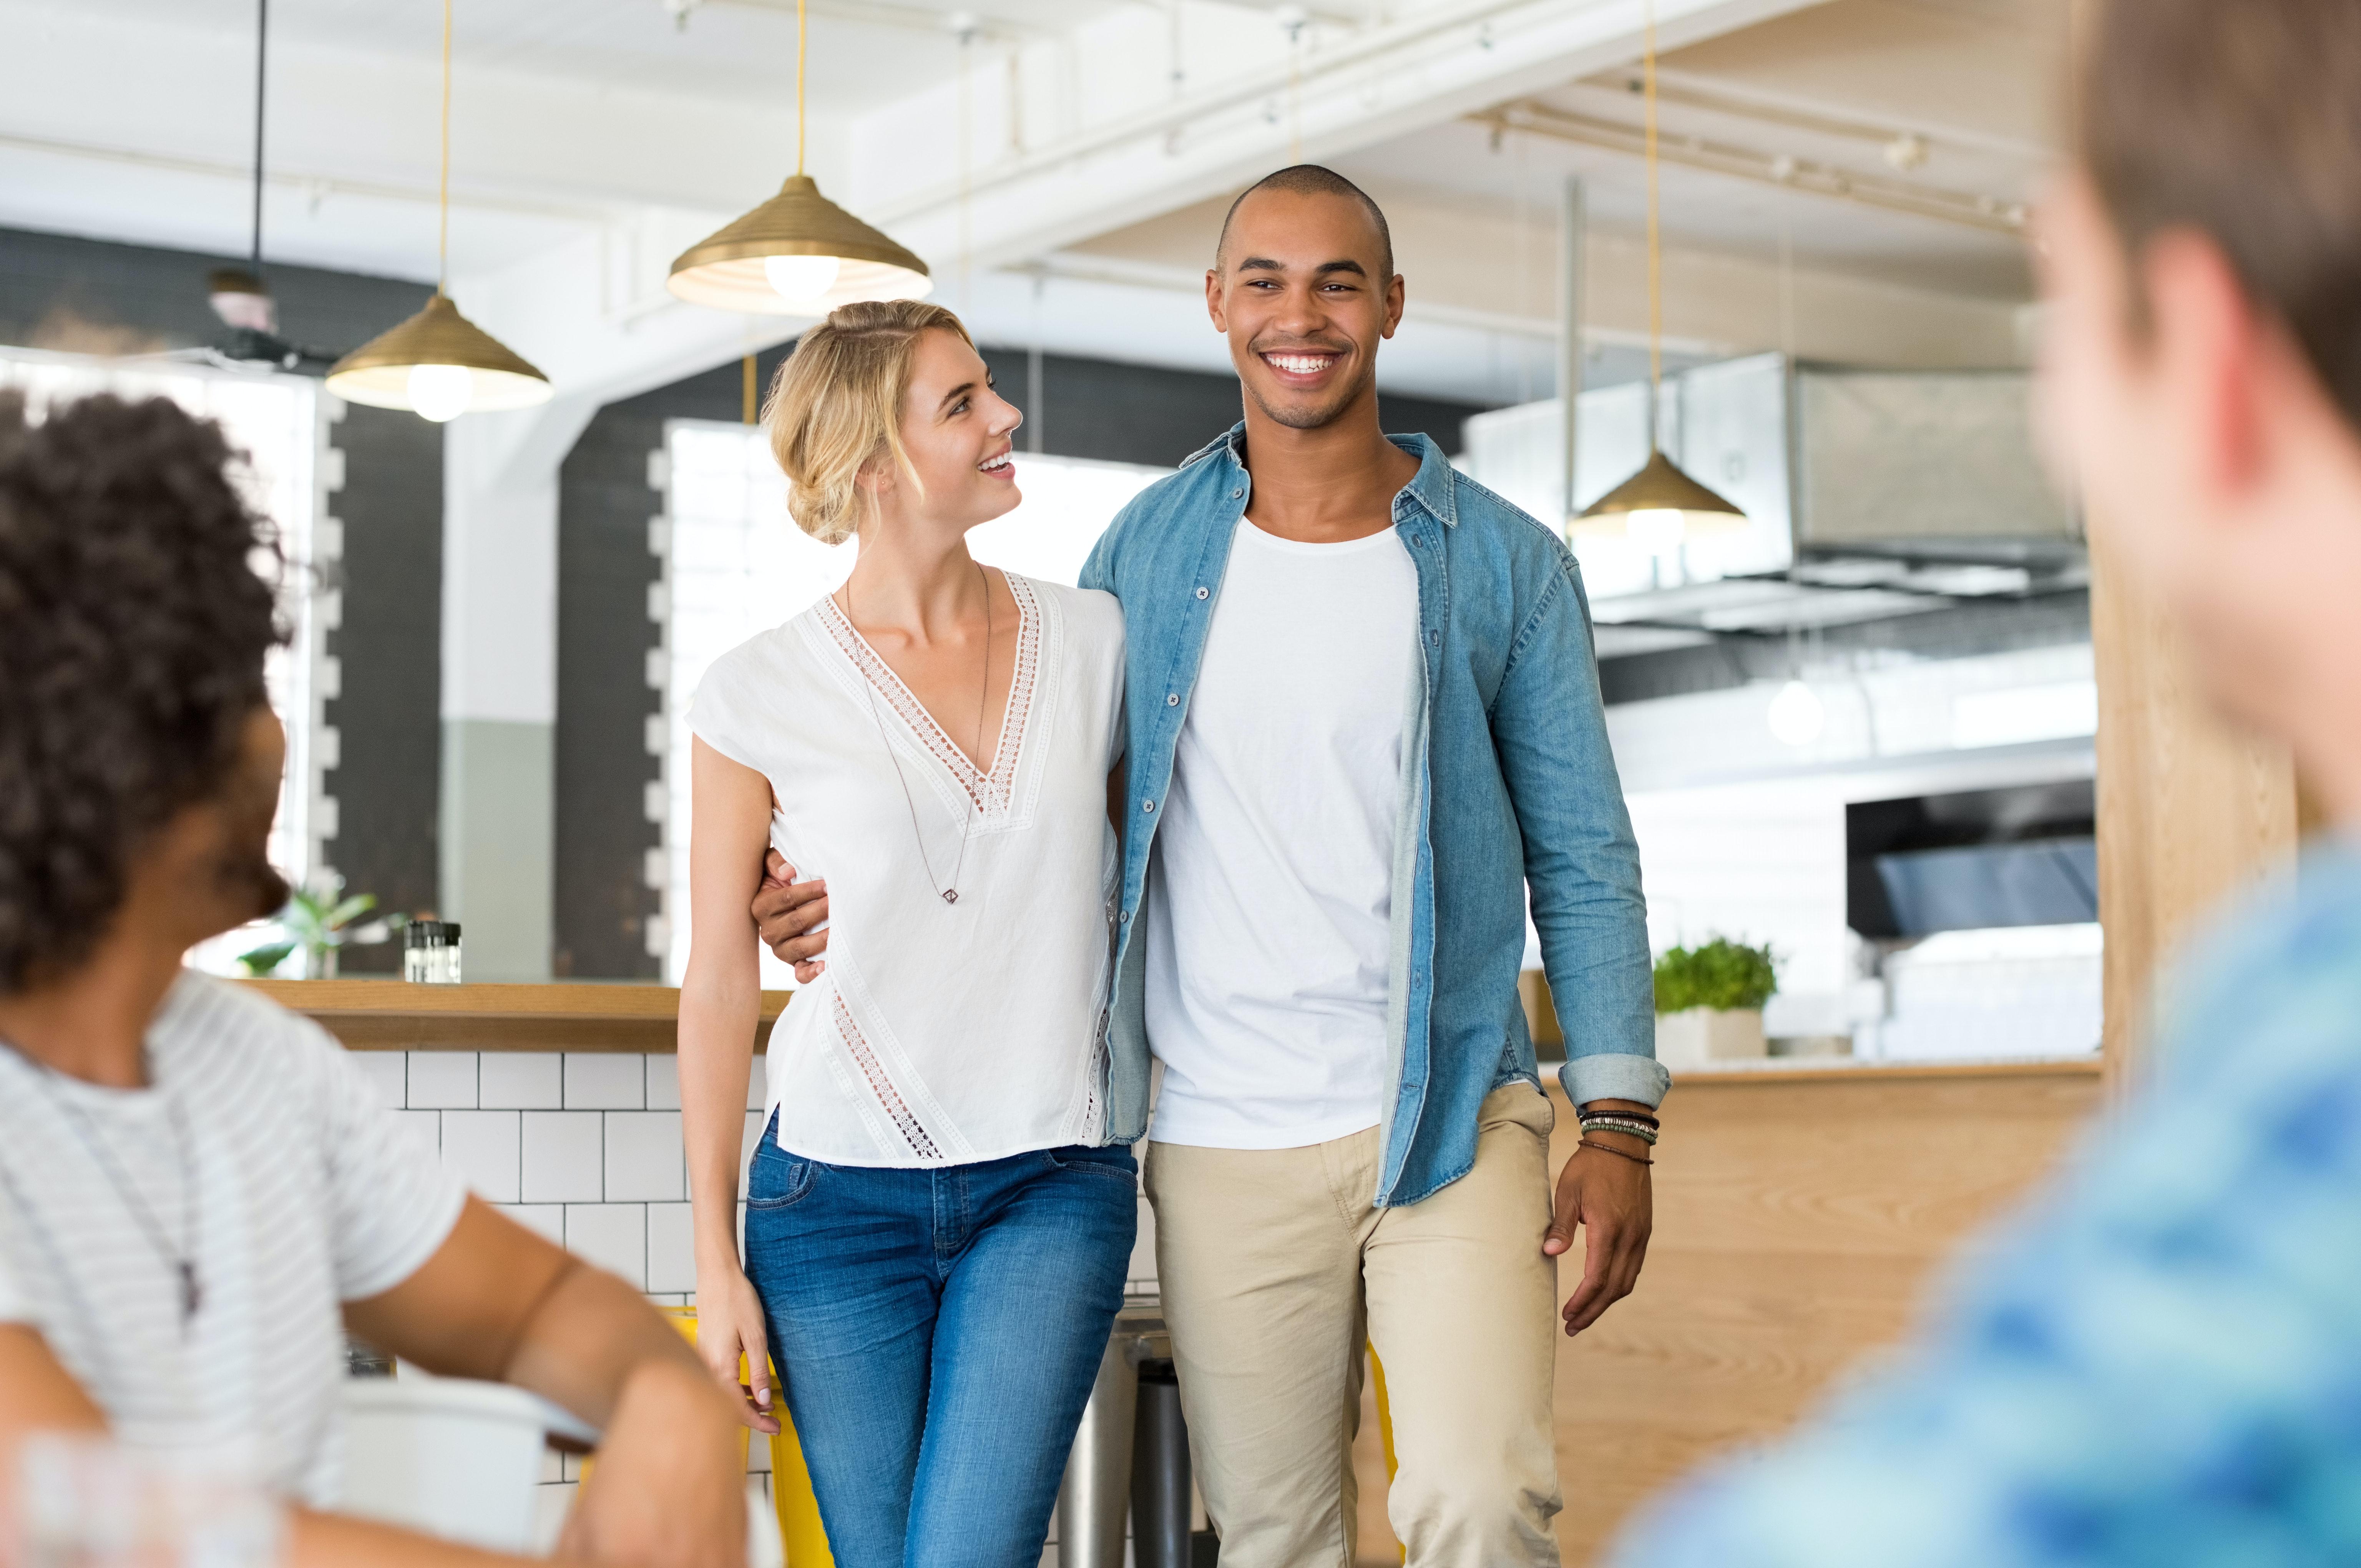 Zodiac matchmaking Law of Attraction dating een beroemdheid